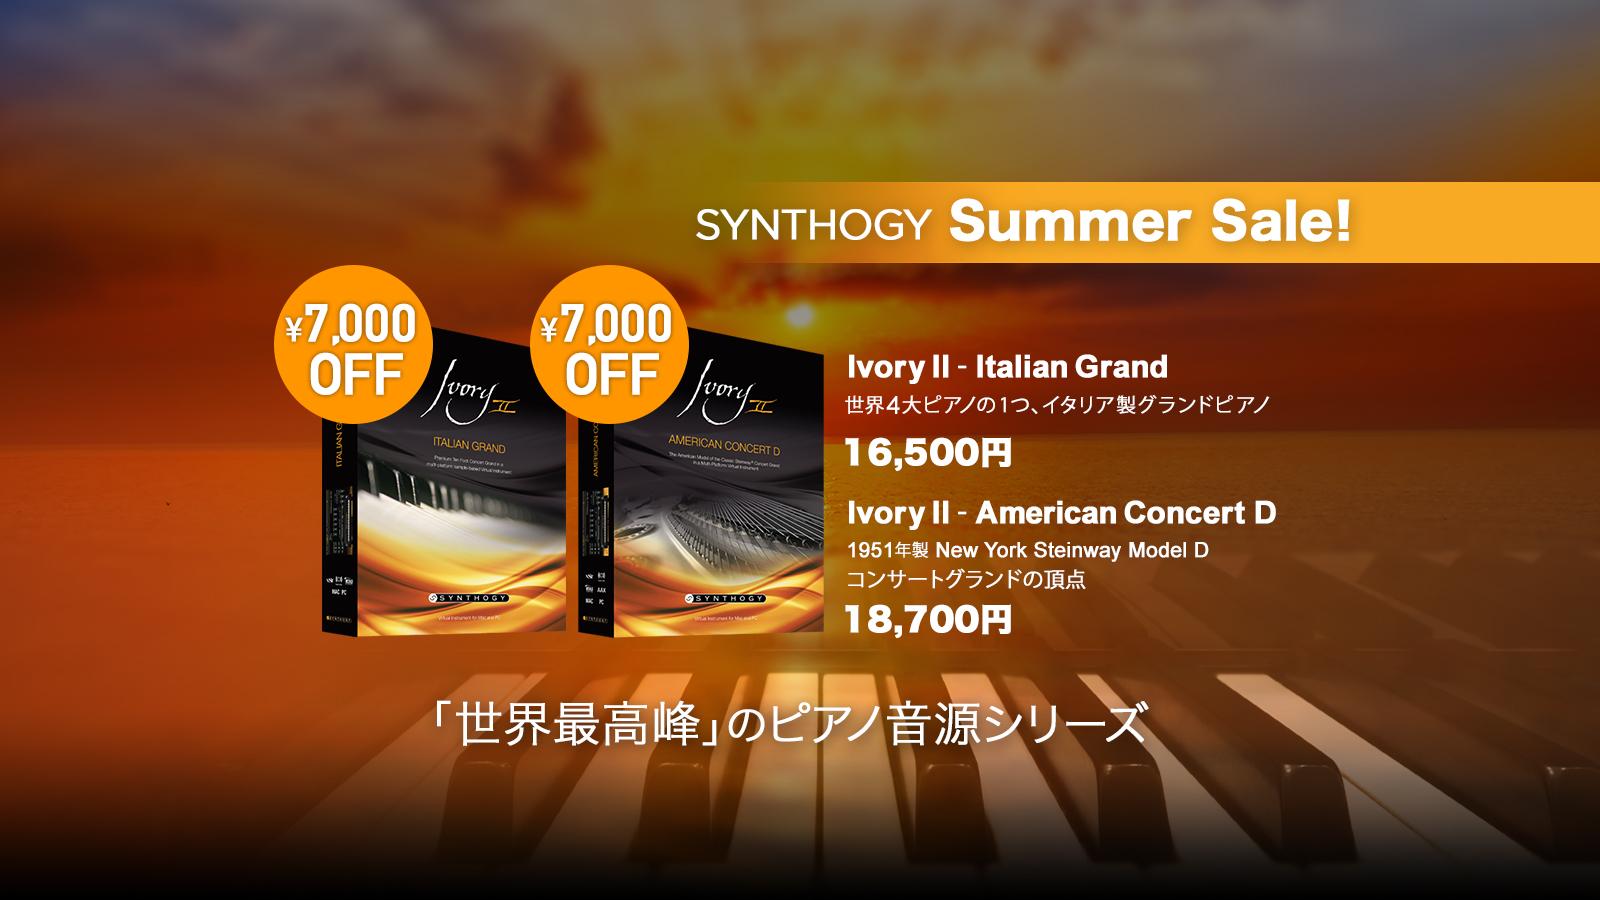 【2021】今だけ7,000円オフ!Synthogy Ivory II American Concert D/Ivory II Italian Grandプロモーション